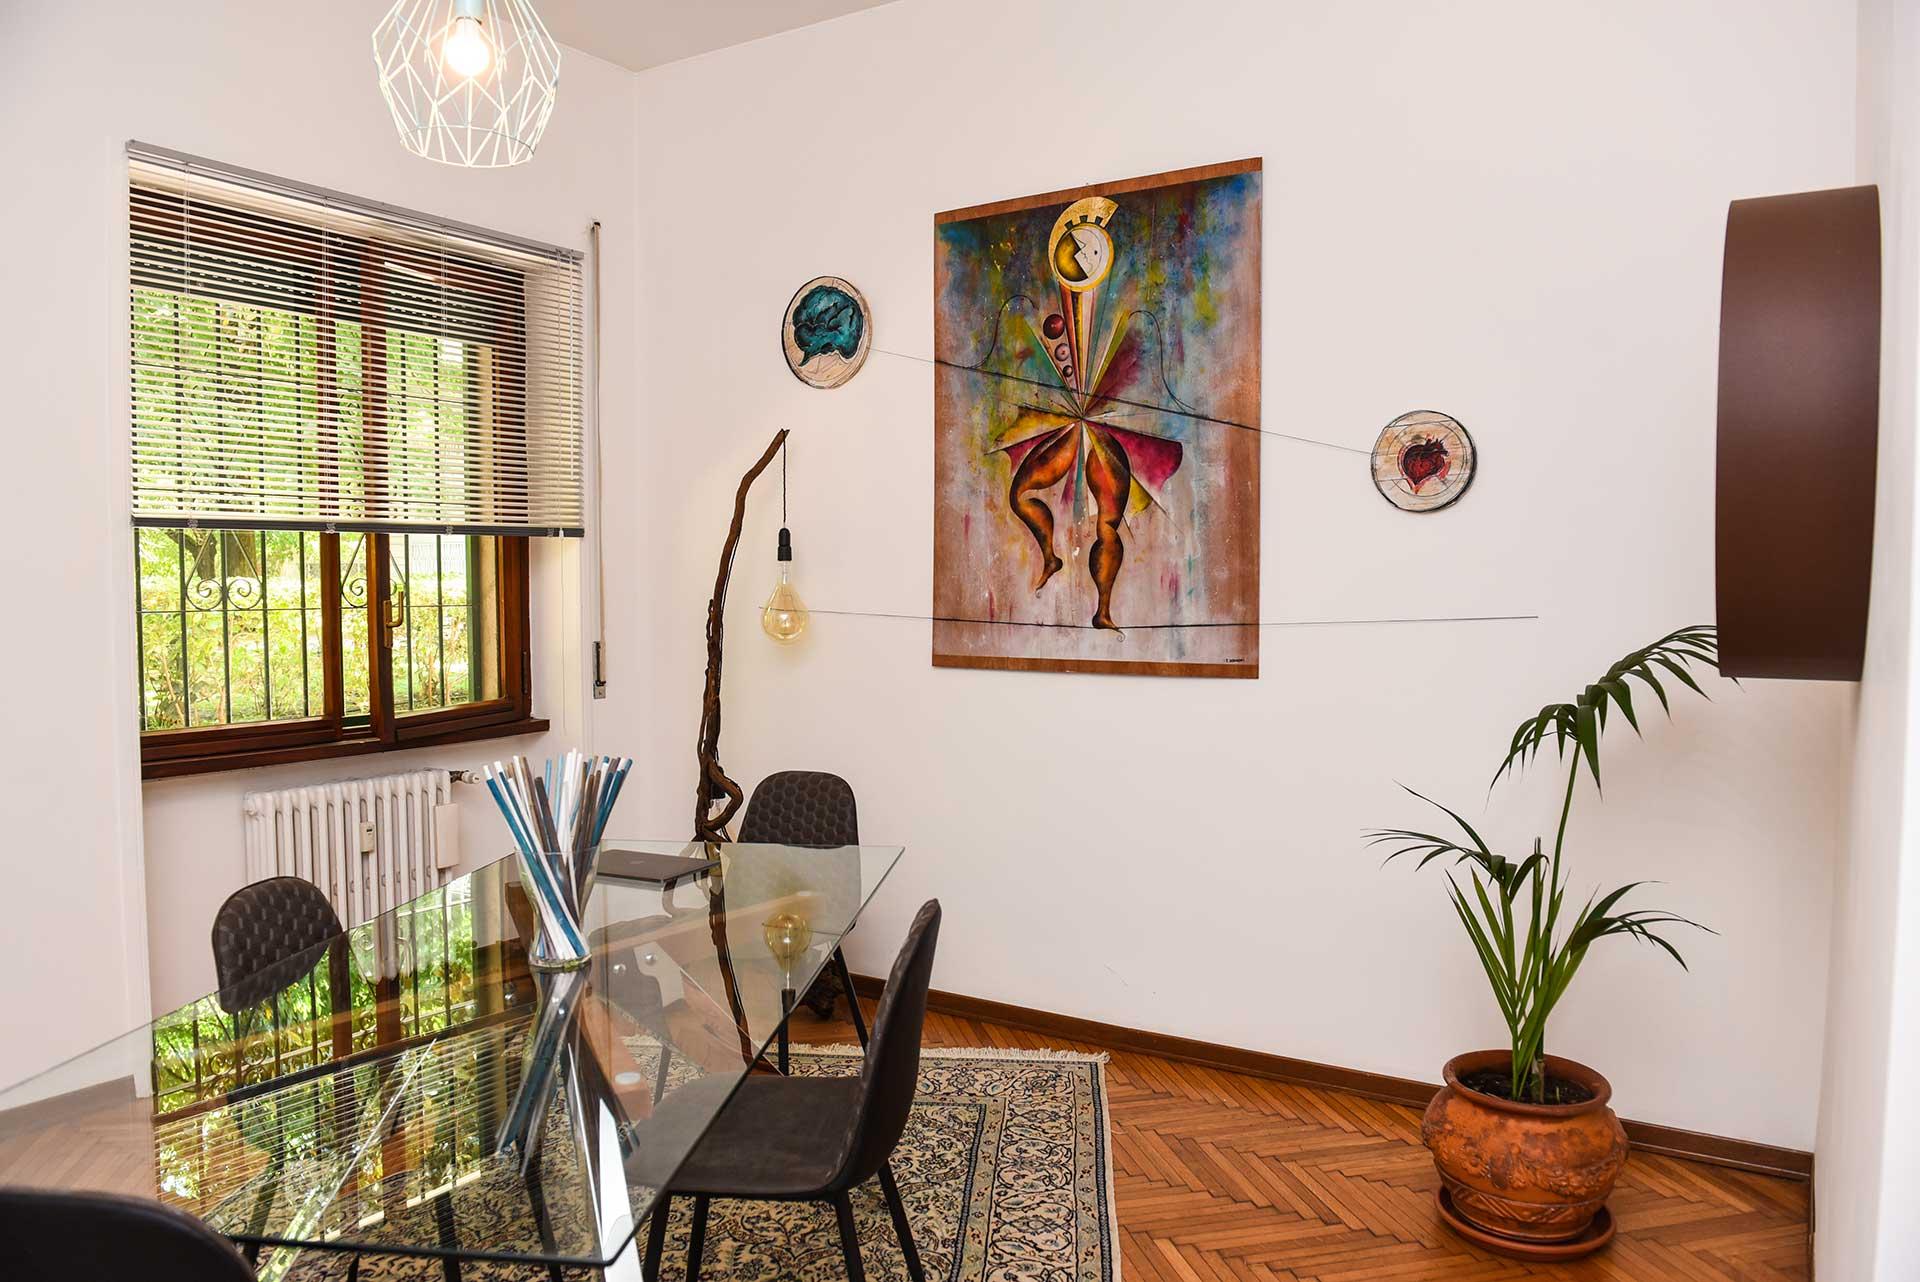 servizi-fotografici-officina-visiva-mlp-studio-fotografia-di-interni-roma